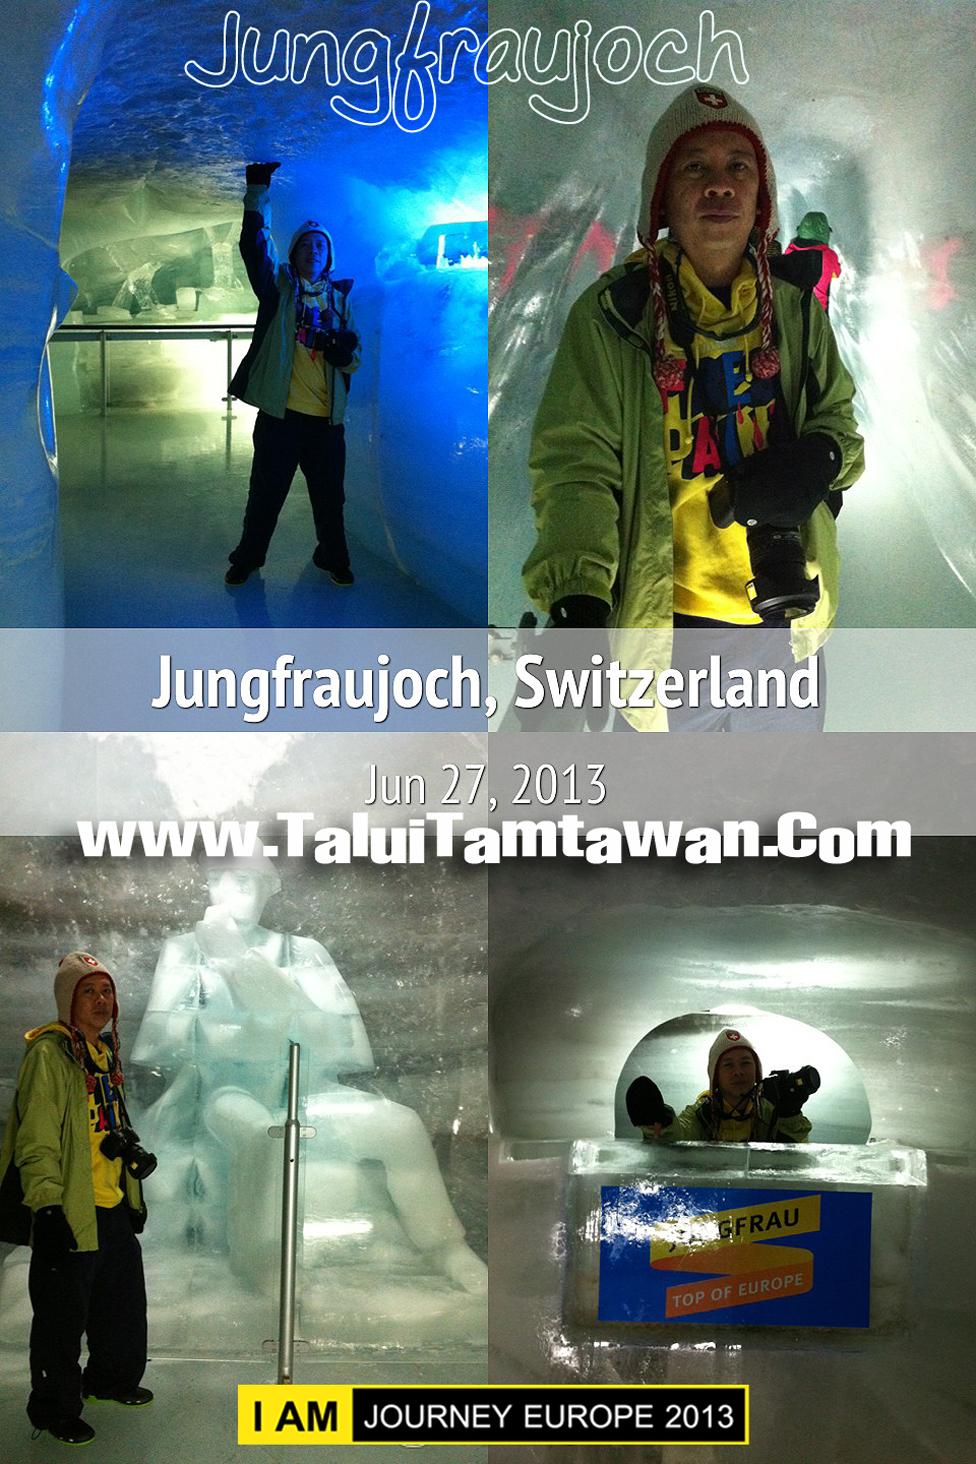 ในถ้ำเส้นทางเดินเขาทำเป็น one way ครับ มาถึงอุโมงค์น้ำแข็งแกะรูปต่างๆ กล้อง ยังทำงานได้ดีครับ